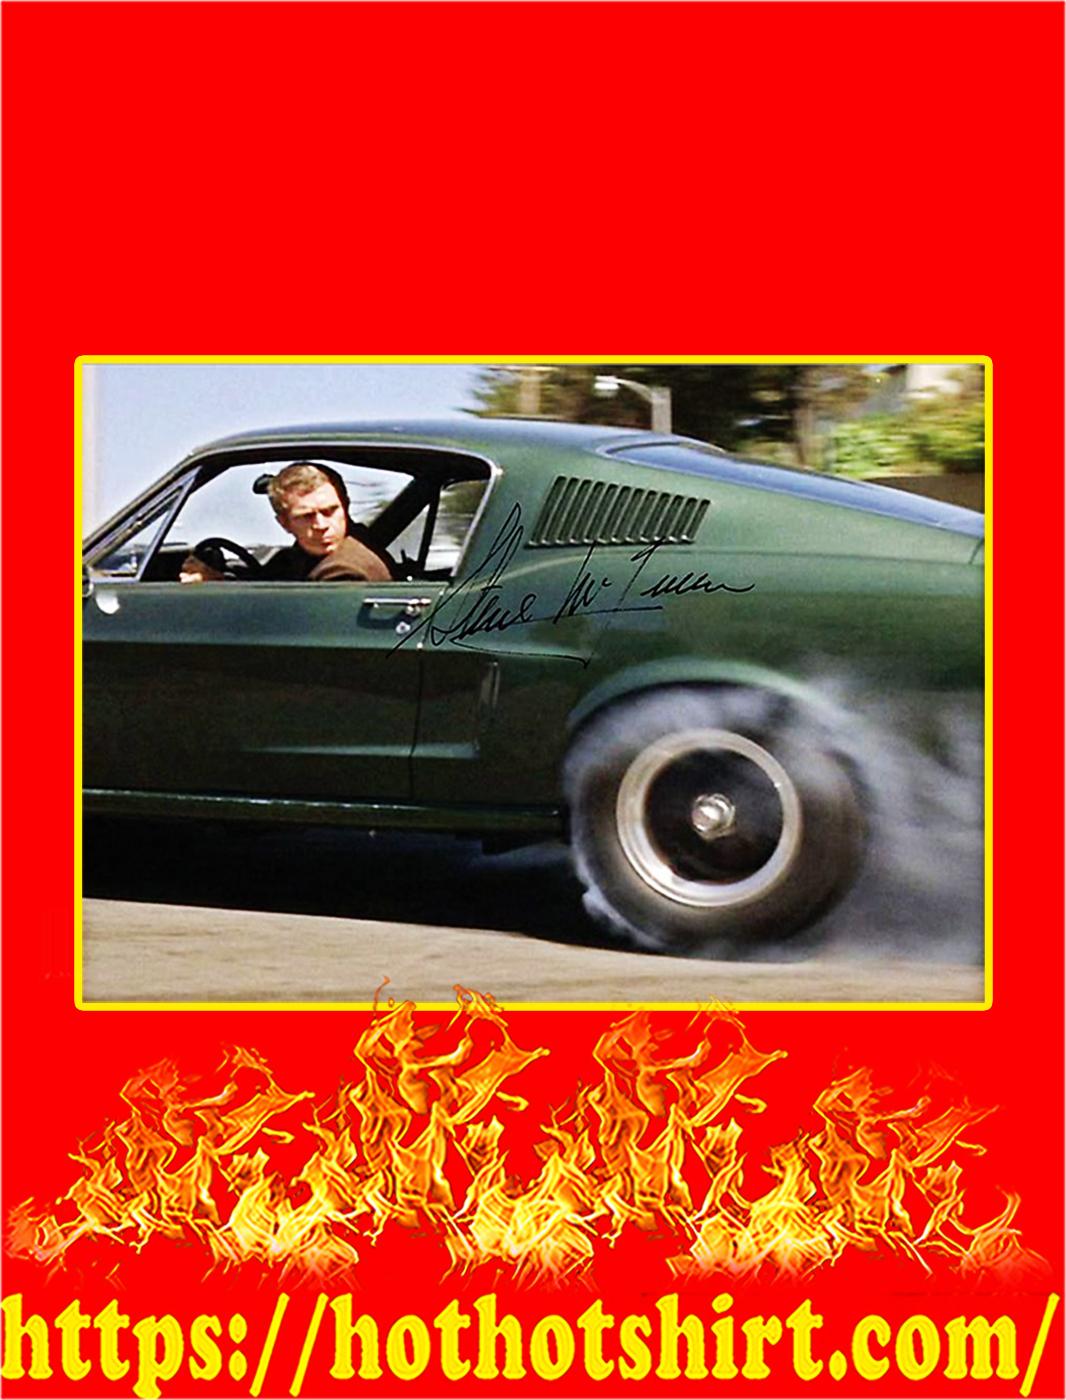 Bullitt Ford Mustang 390 GT Steve McQueen Signature Poster - A2